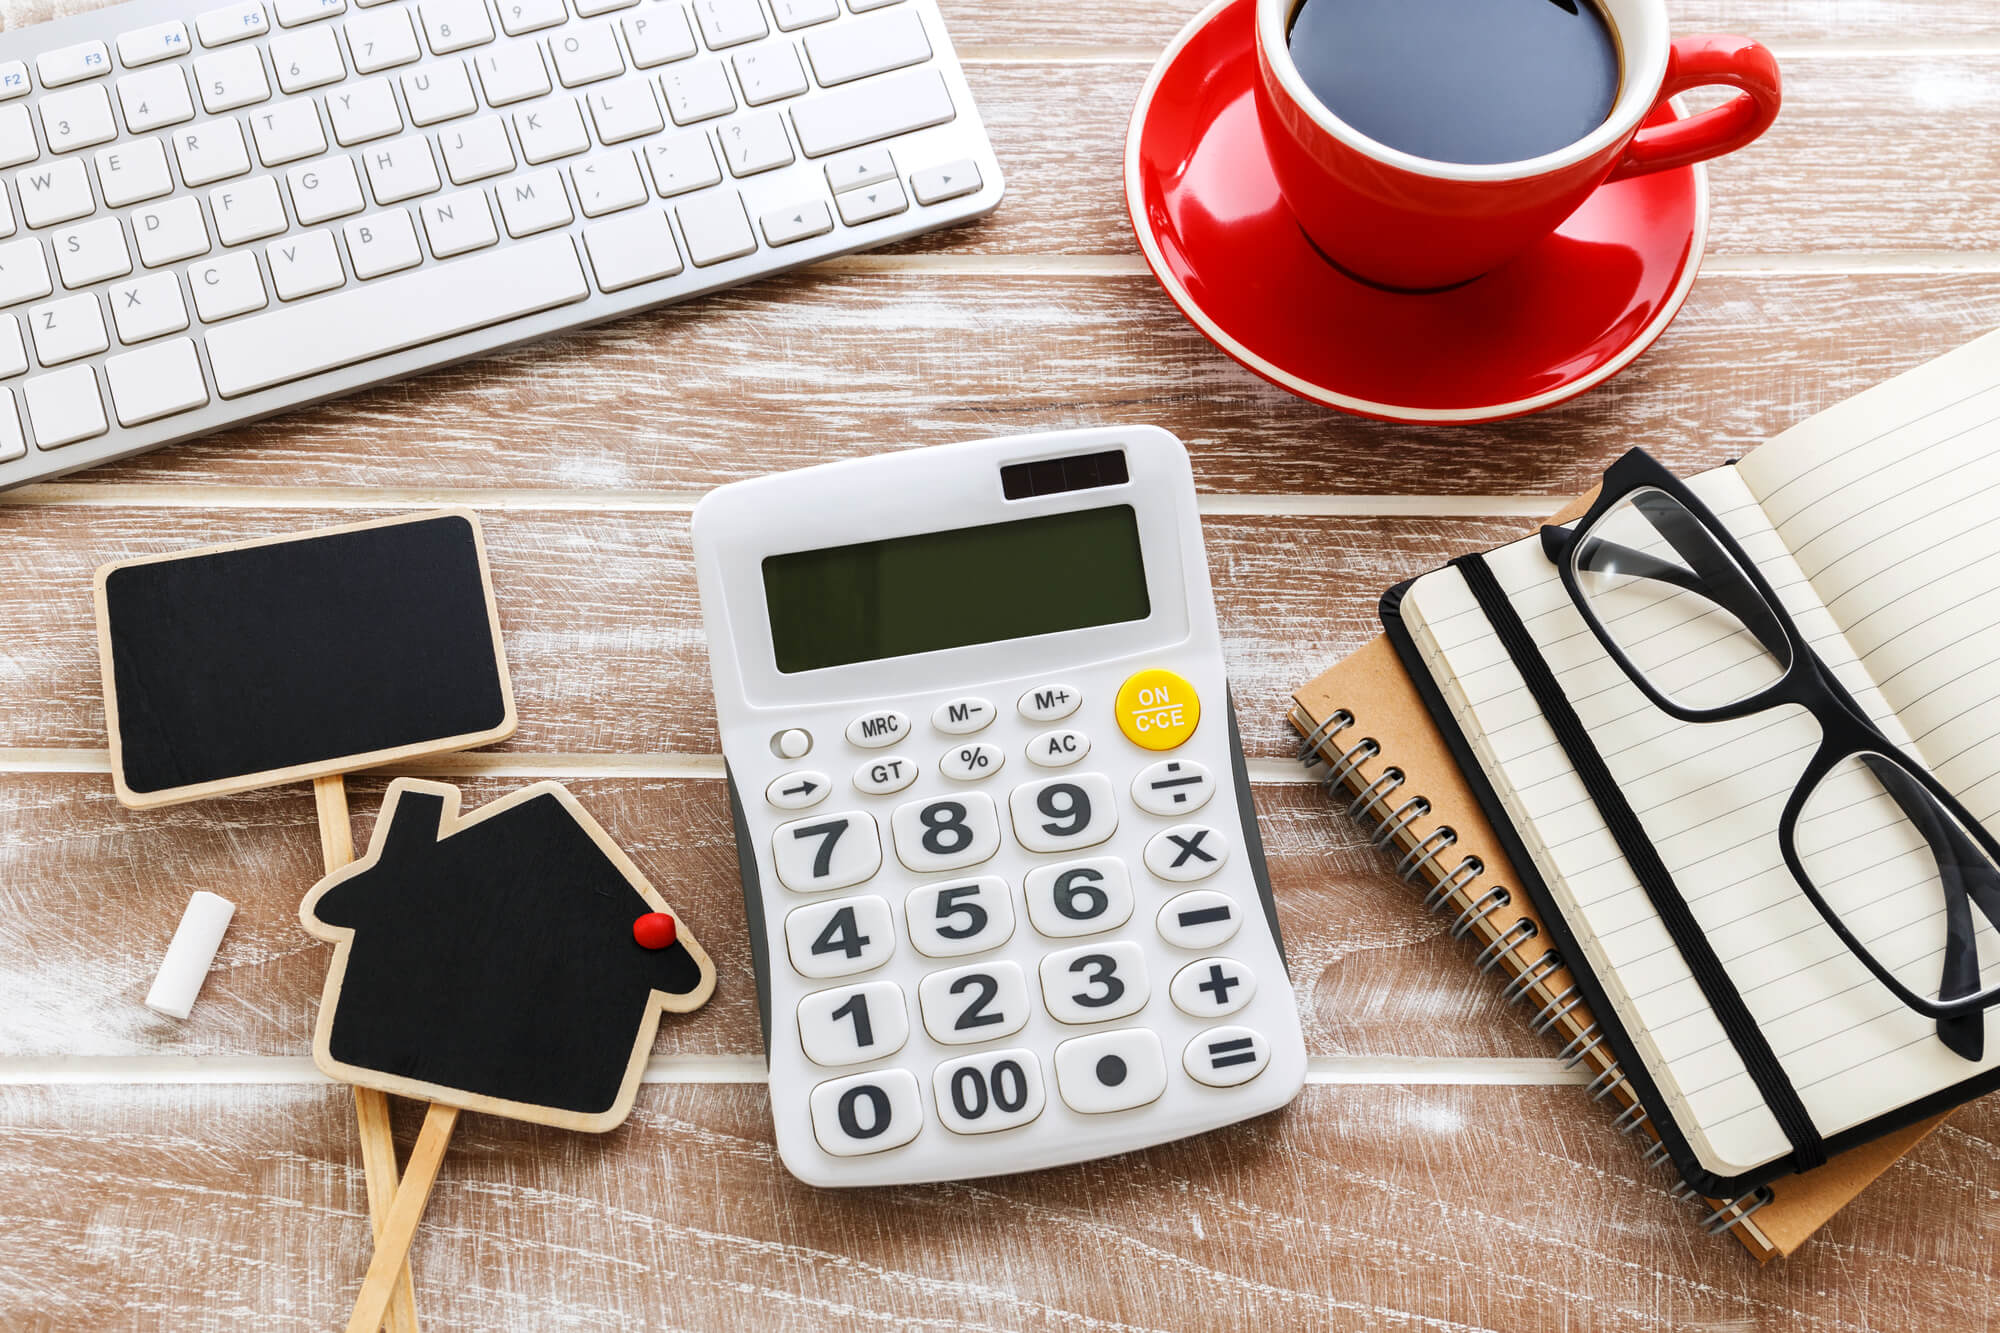 福山市の財務デューデリジェンスに強い税理士事務所|藤井慎也会計事務所